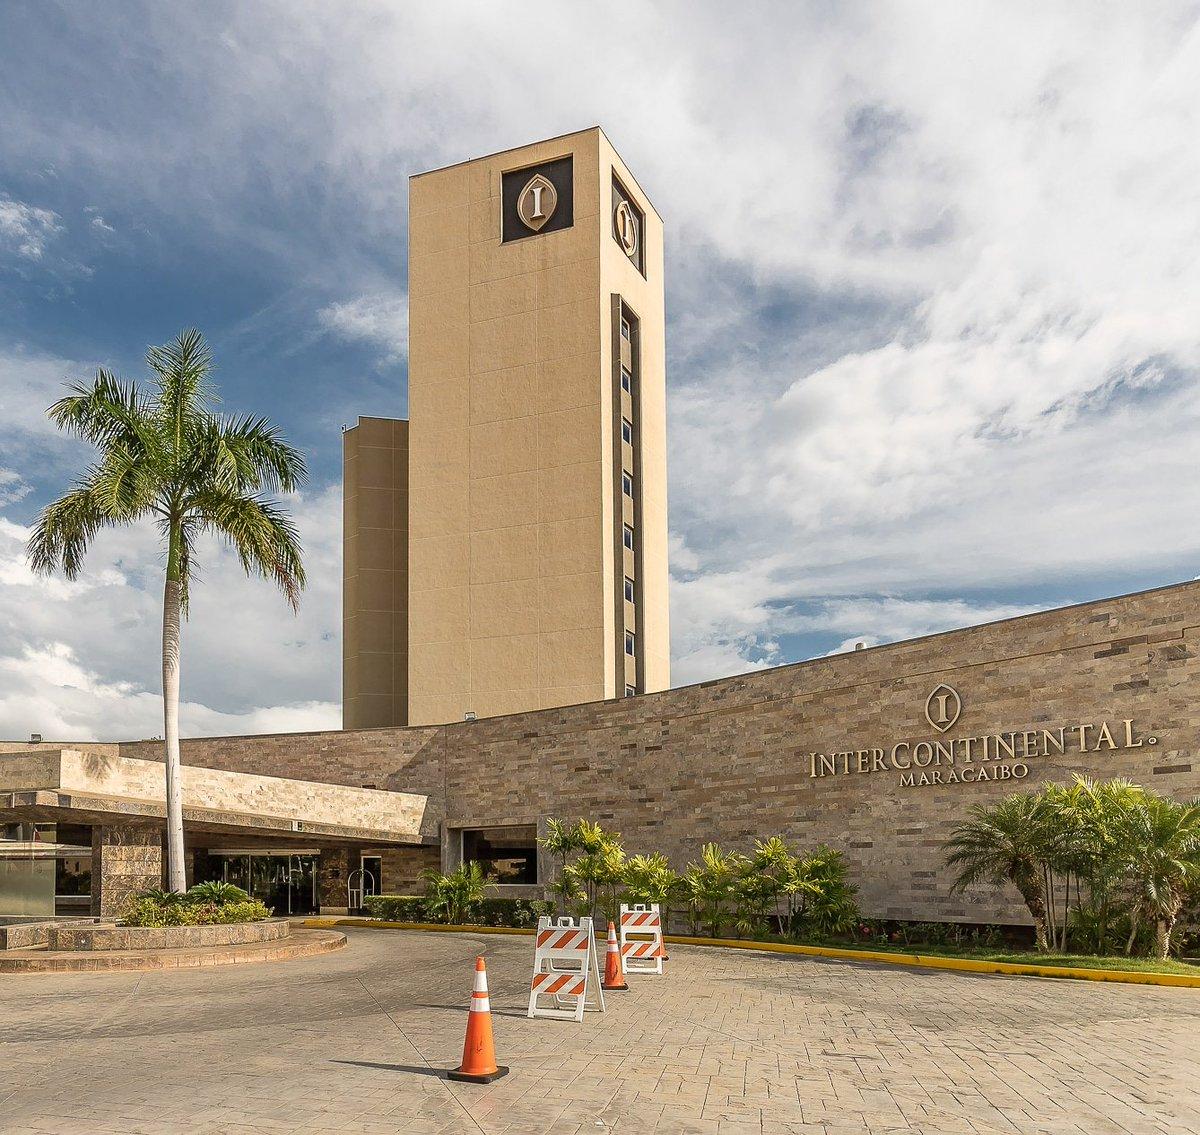 Una nueva semana comienza, y con ella la oportunidad de brindar lo mejor de ti ❤️ • • • #InterContinental #Maracaibo #IHG #Hotels https://t.co/naNZ4EcmNU